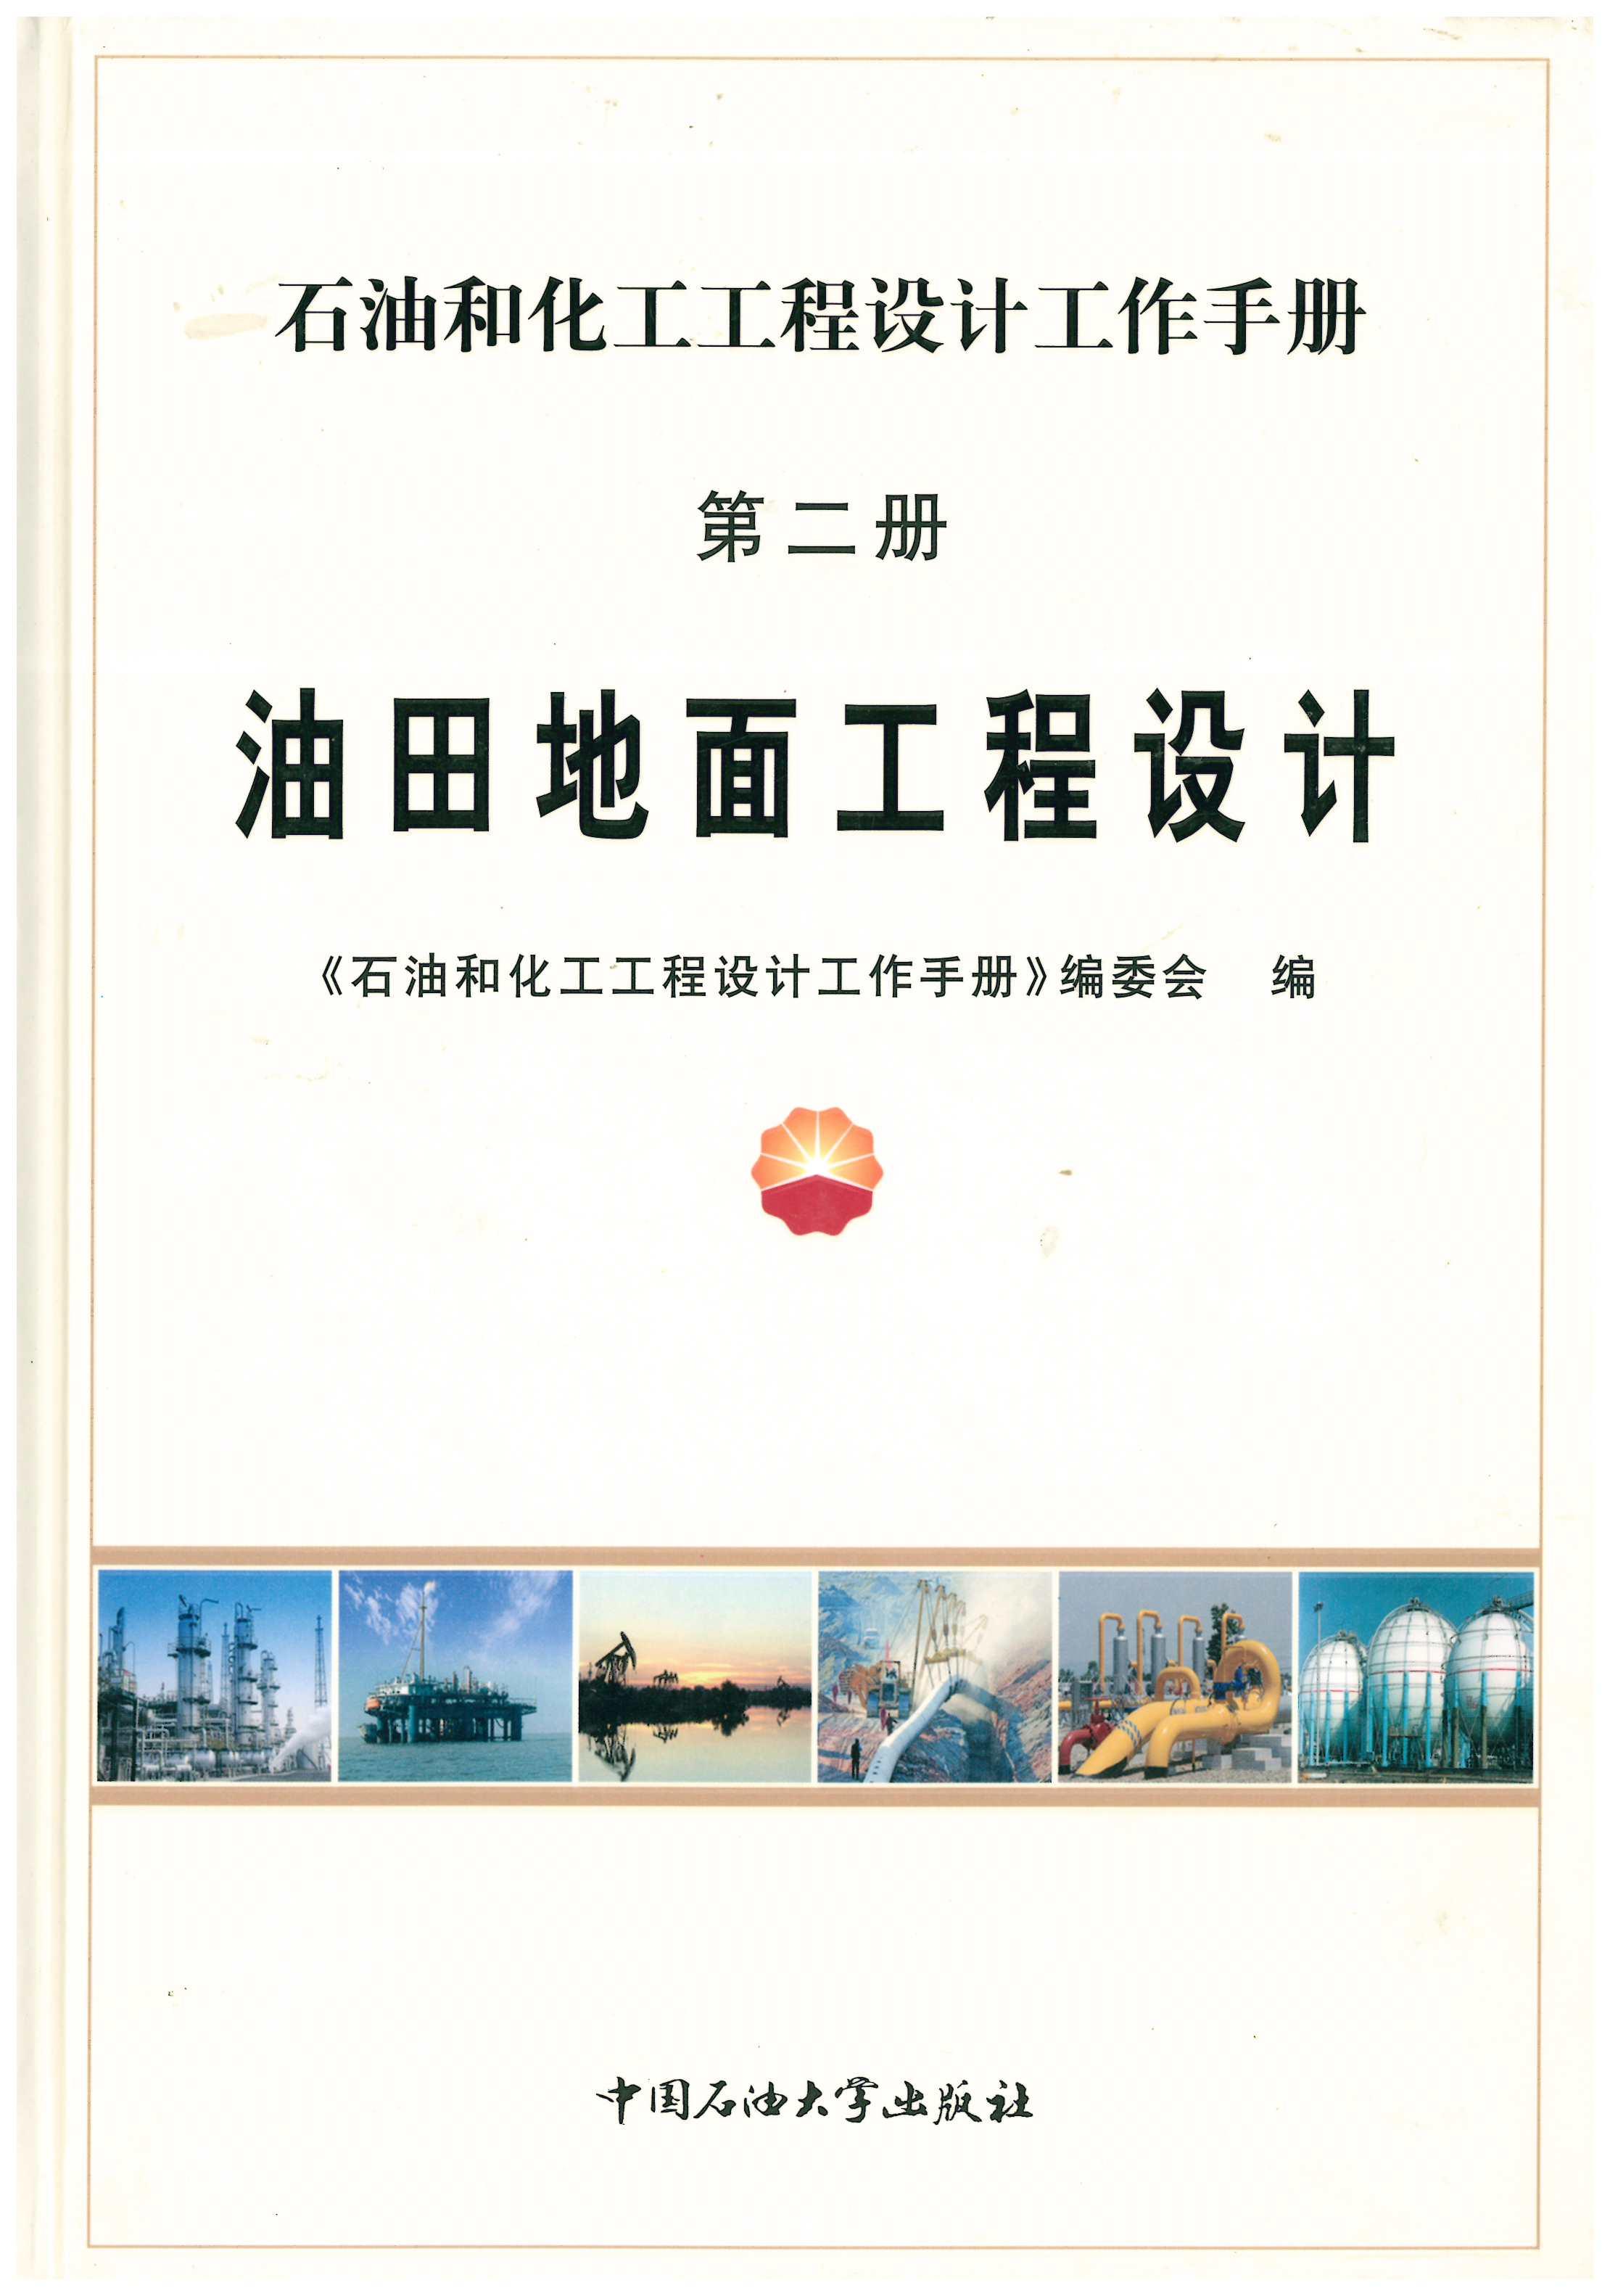 第02册  油田地面工程设计.jpg